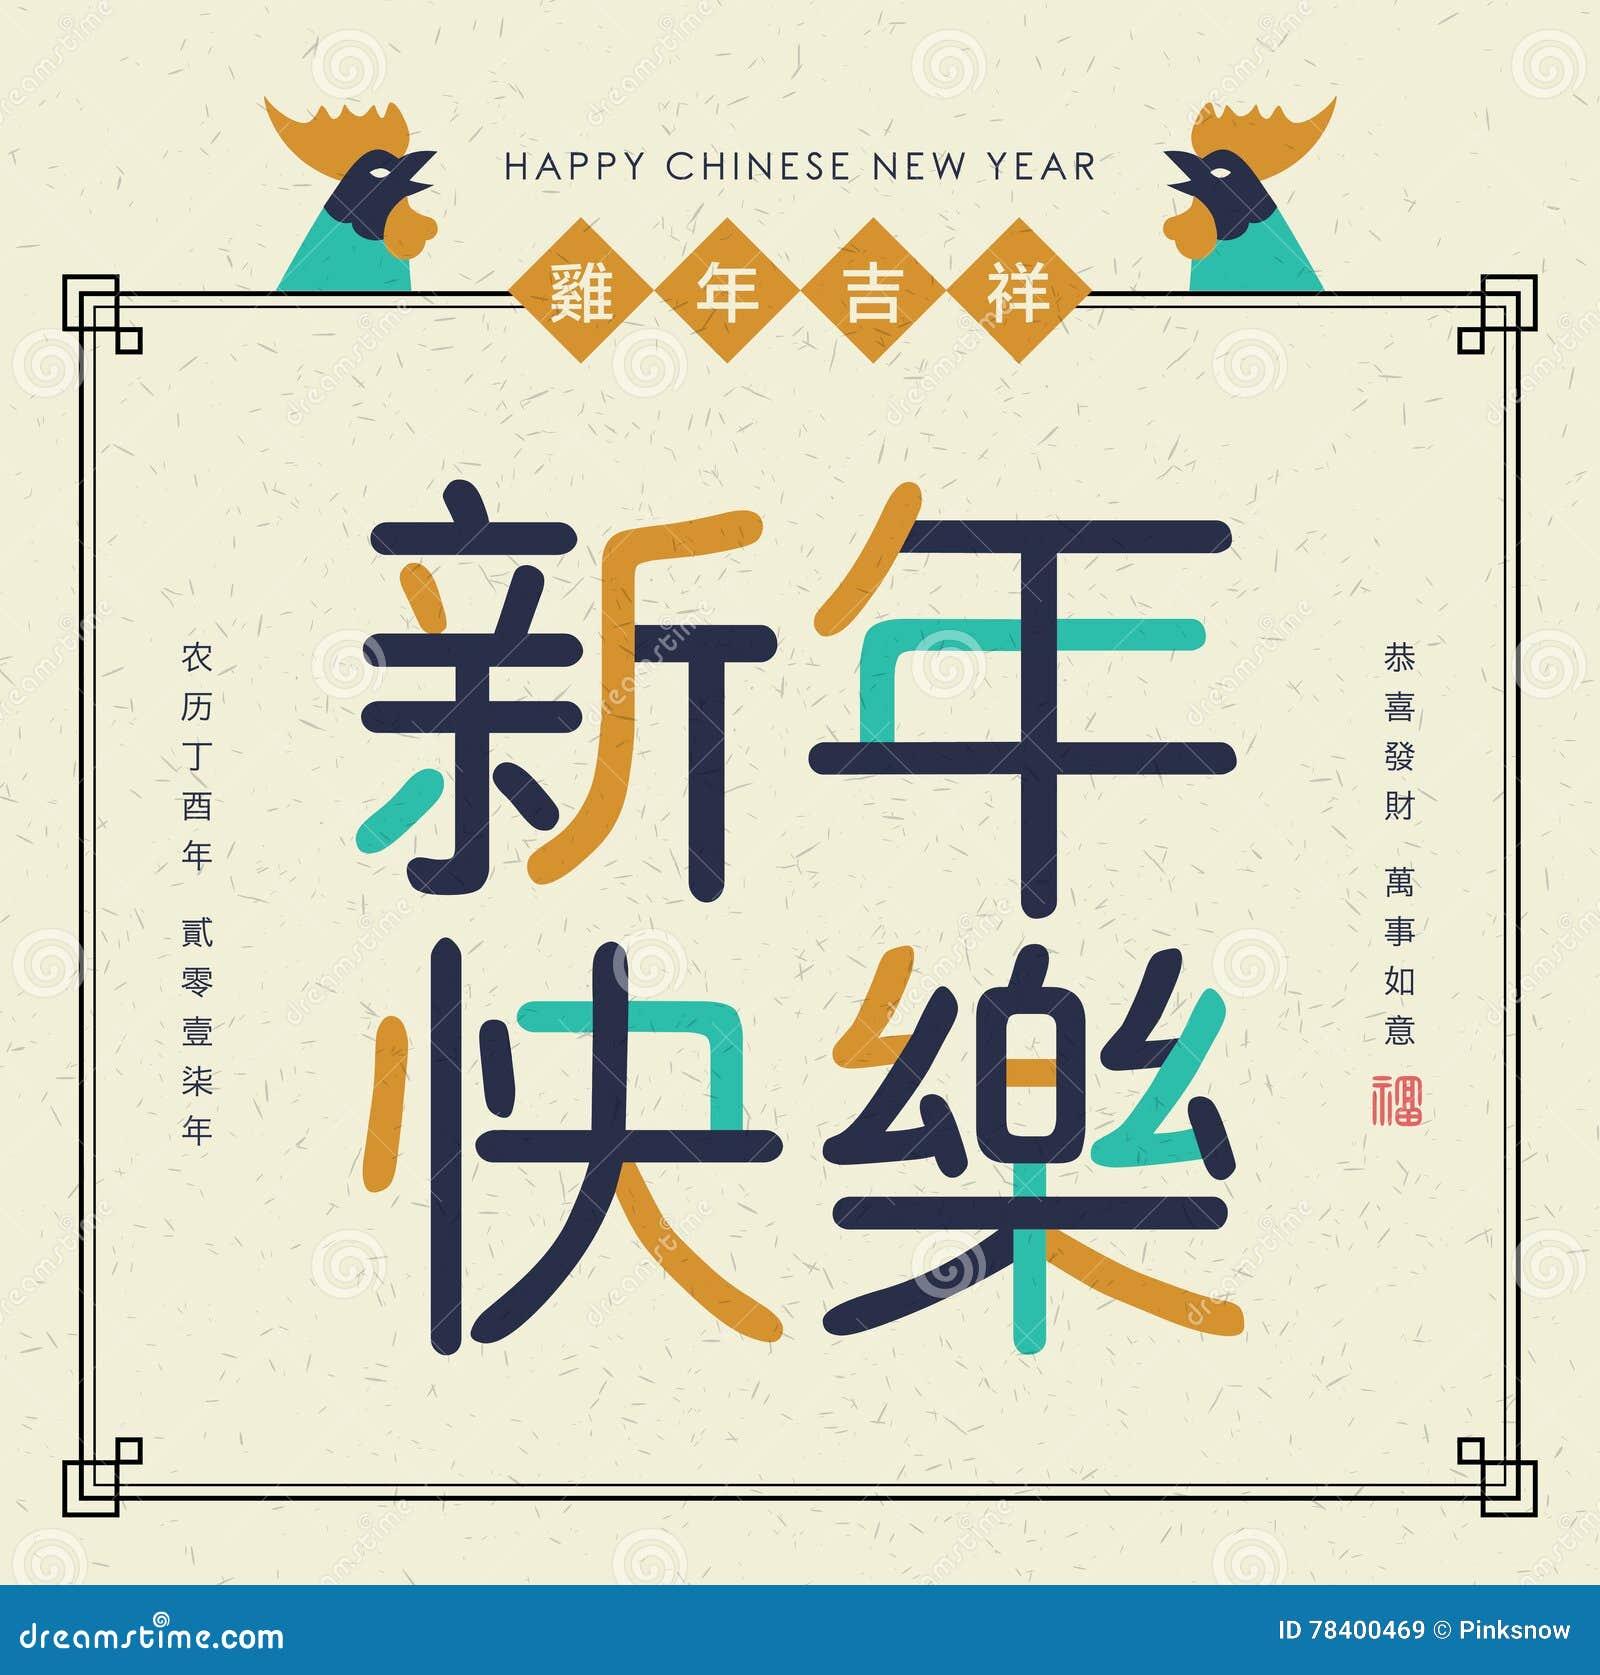 Szczęśliwy Chiński nowy rok 2017!